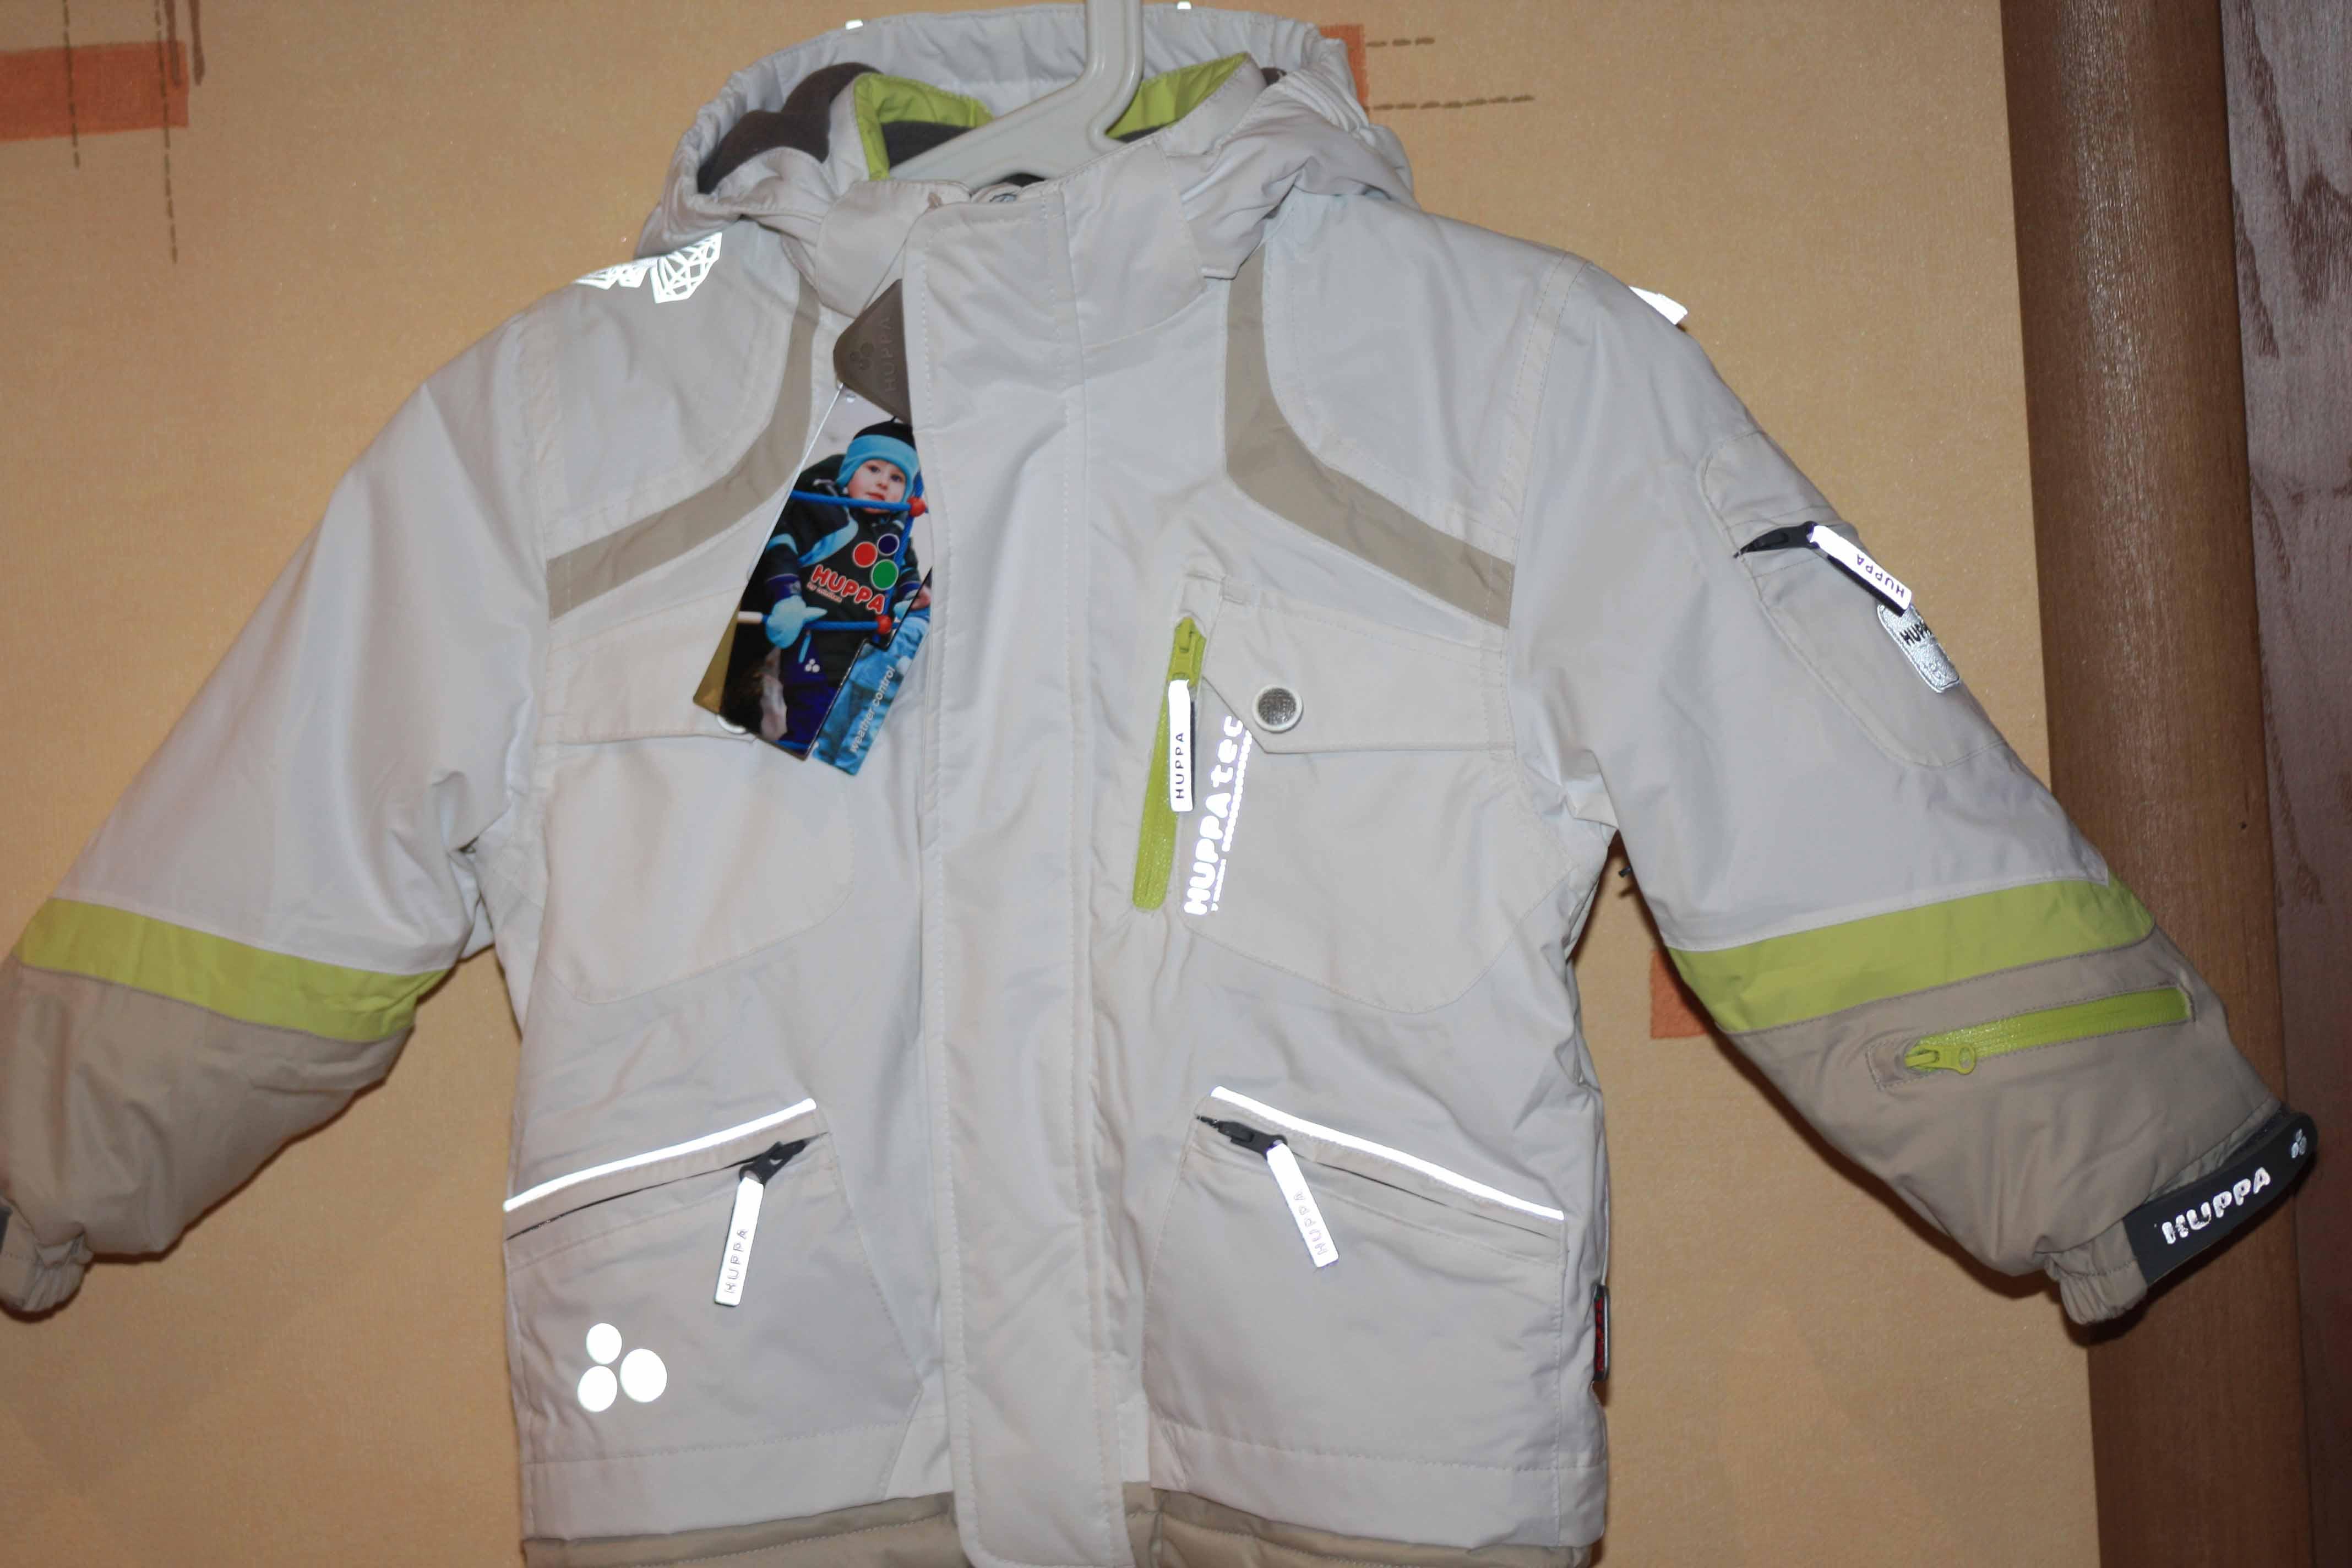 9139 сноуборд.куртка 98р белый с бежевым. Одежда для детей